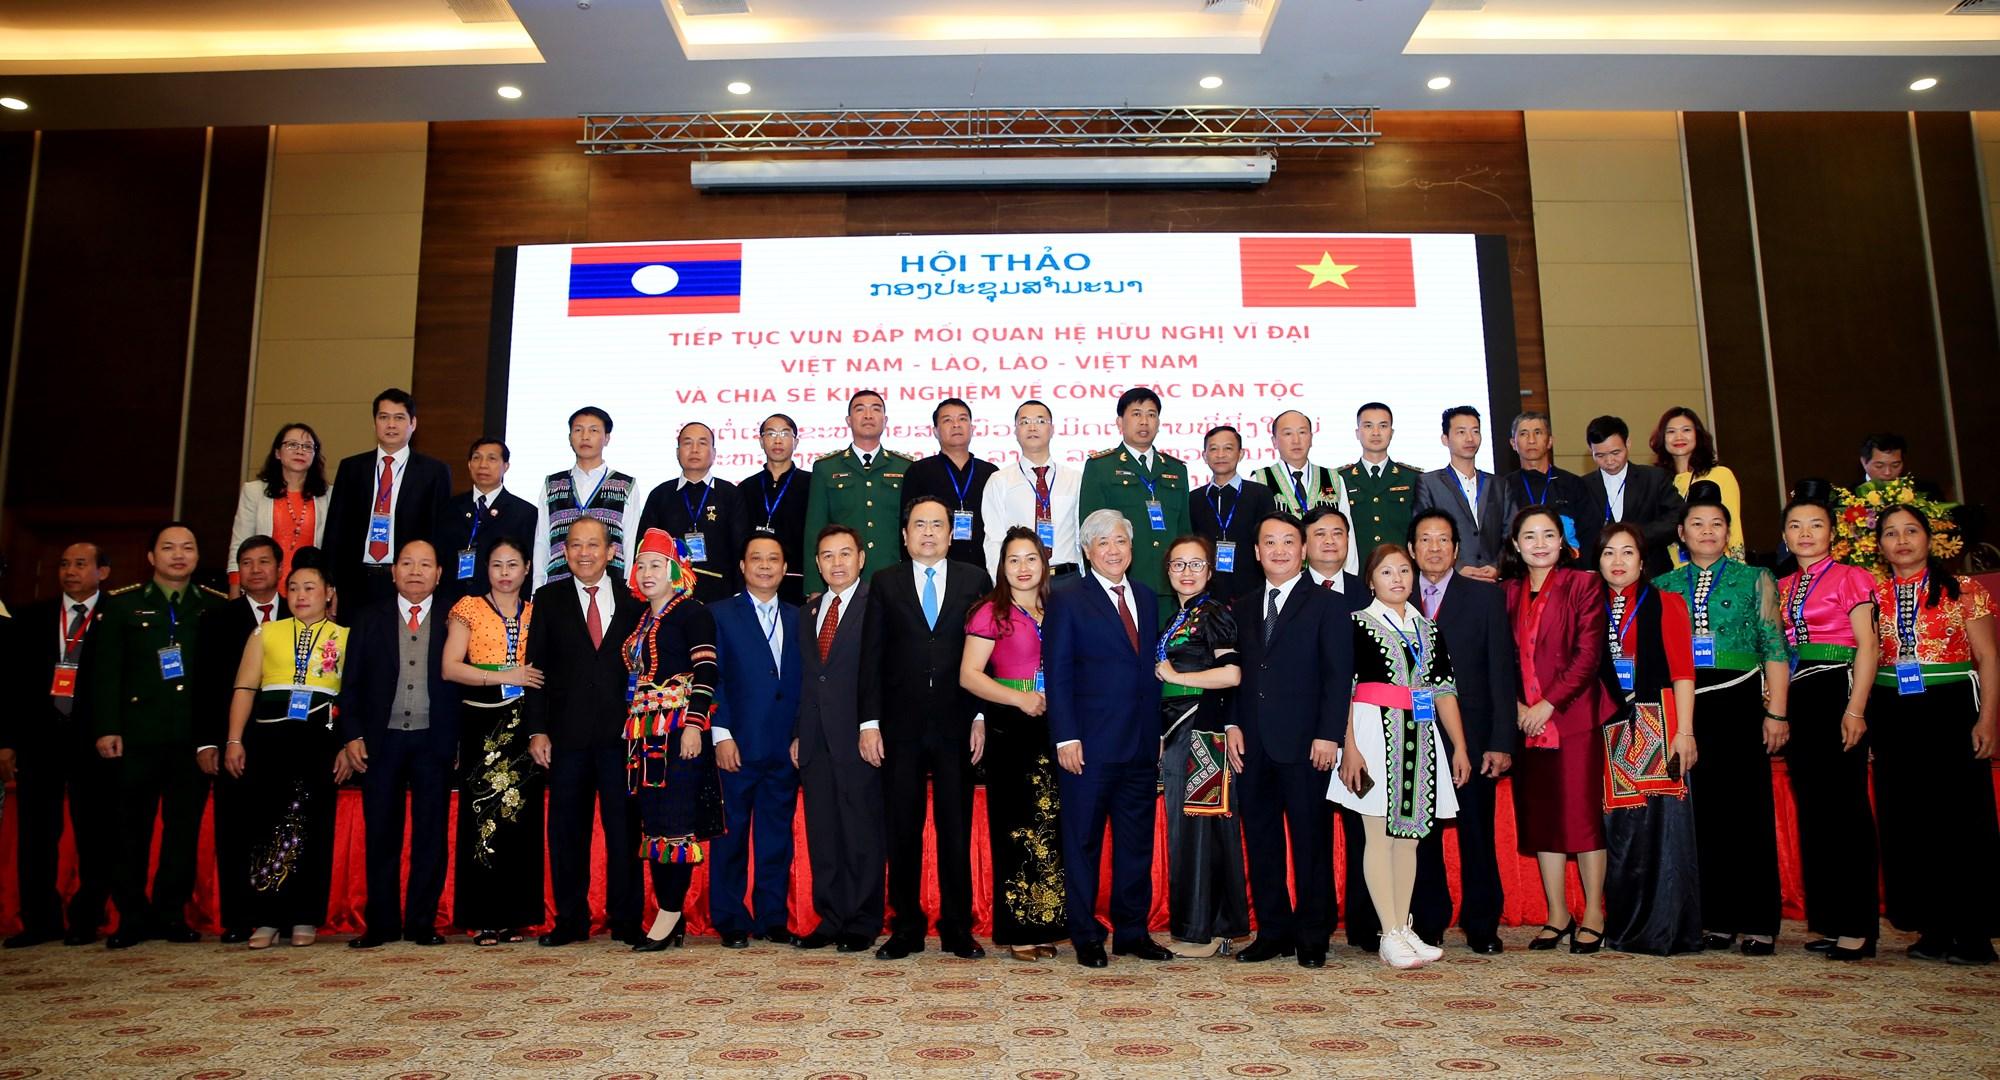 Các đồng chí lãnh đạo 2 nước Việt Nam - Lào chụp ảnh lưu niệm cùng các đại biểu tham dự sự kiện